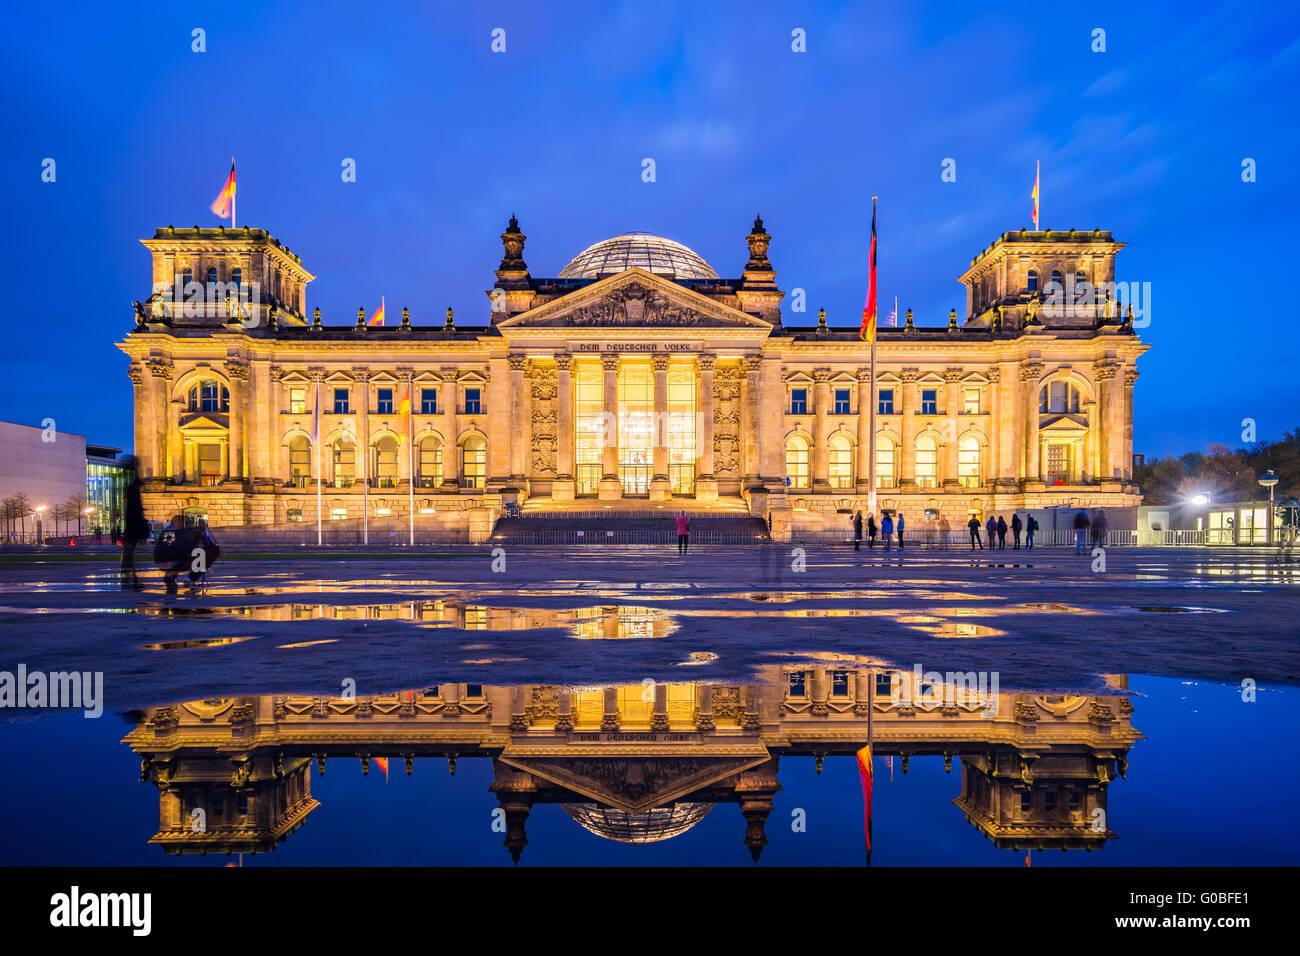 Das Reichstagsgebäude in Berlin, Deutschland in der Nacht. Stockbild